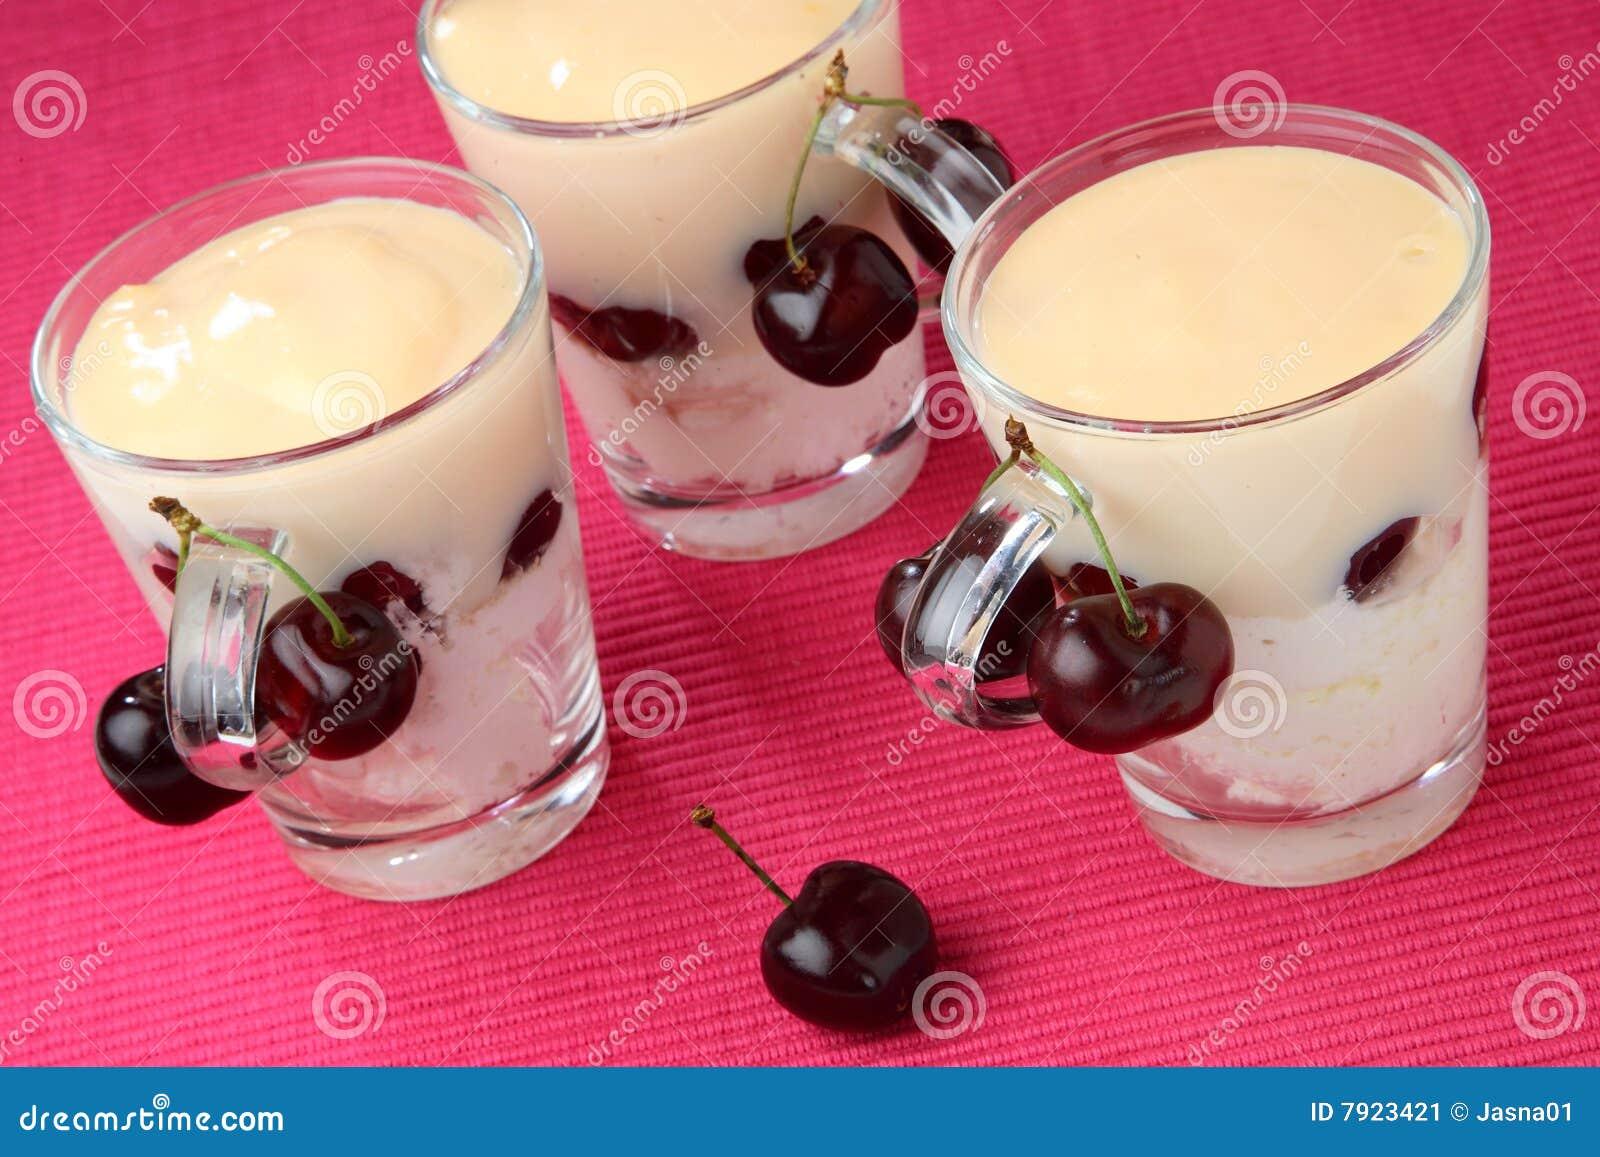 Cherry mascarpone cream